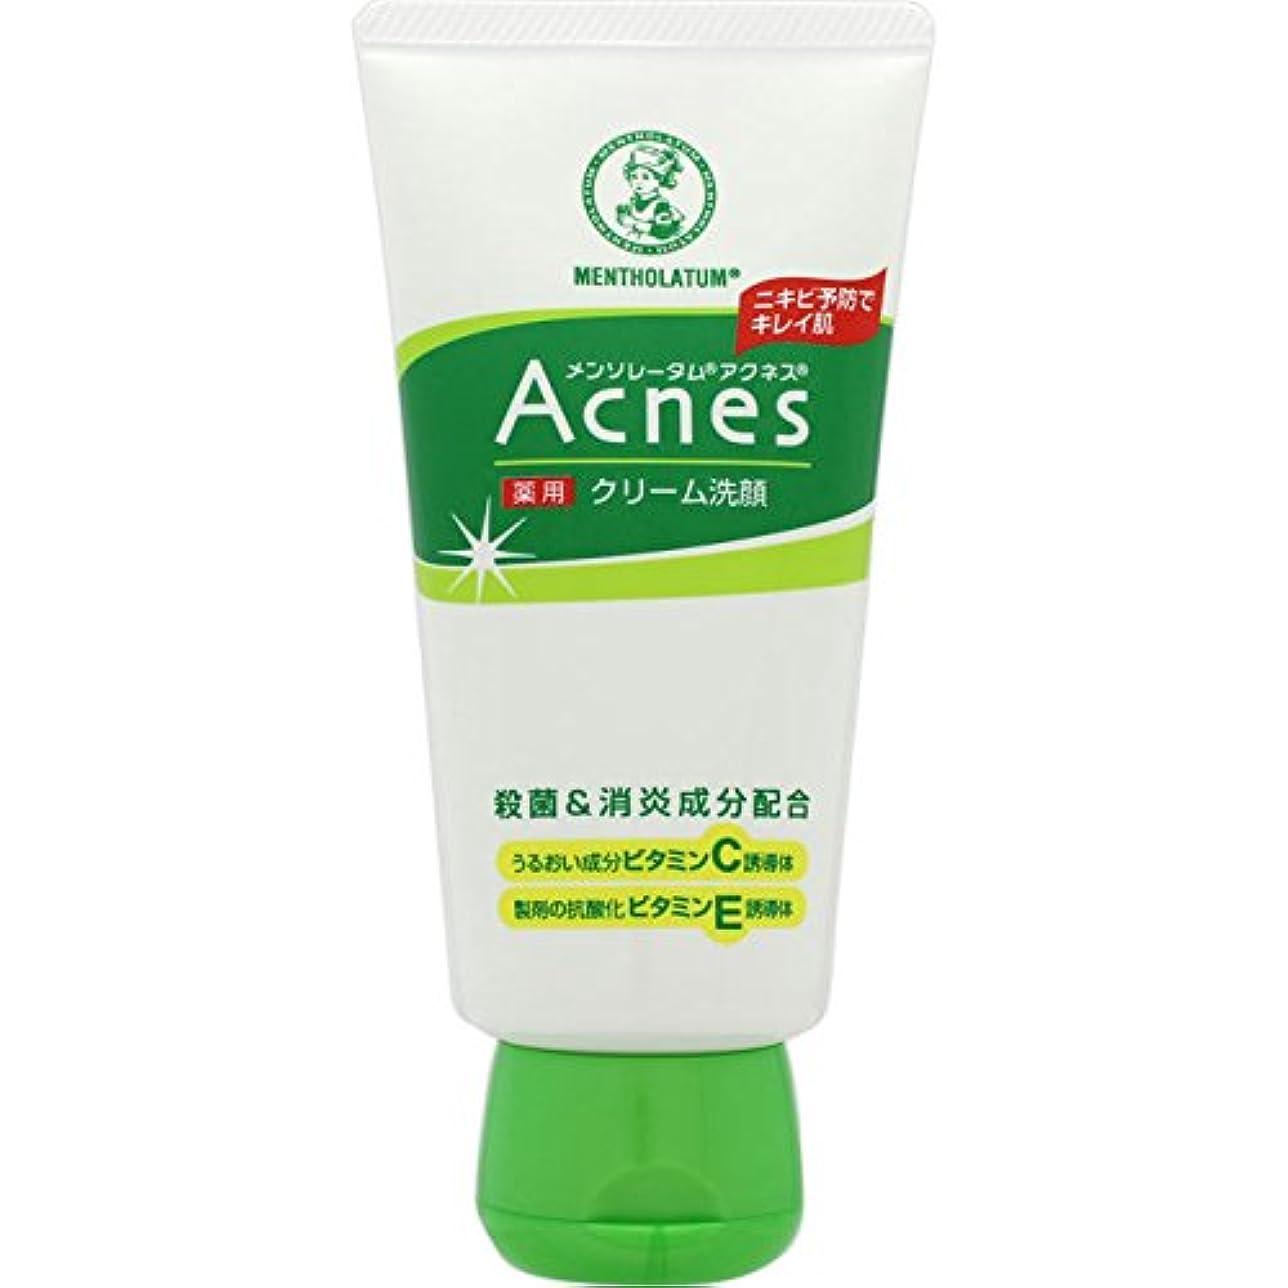 枠分配します認める【医薬部外品】メンソレータム アクネス ニキビ予防薬用クリーム洗顔 130g